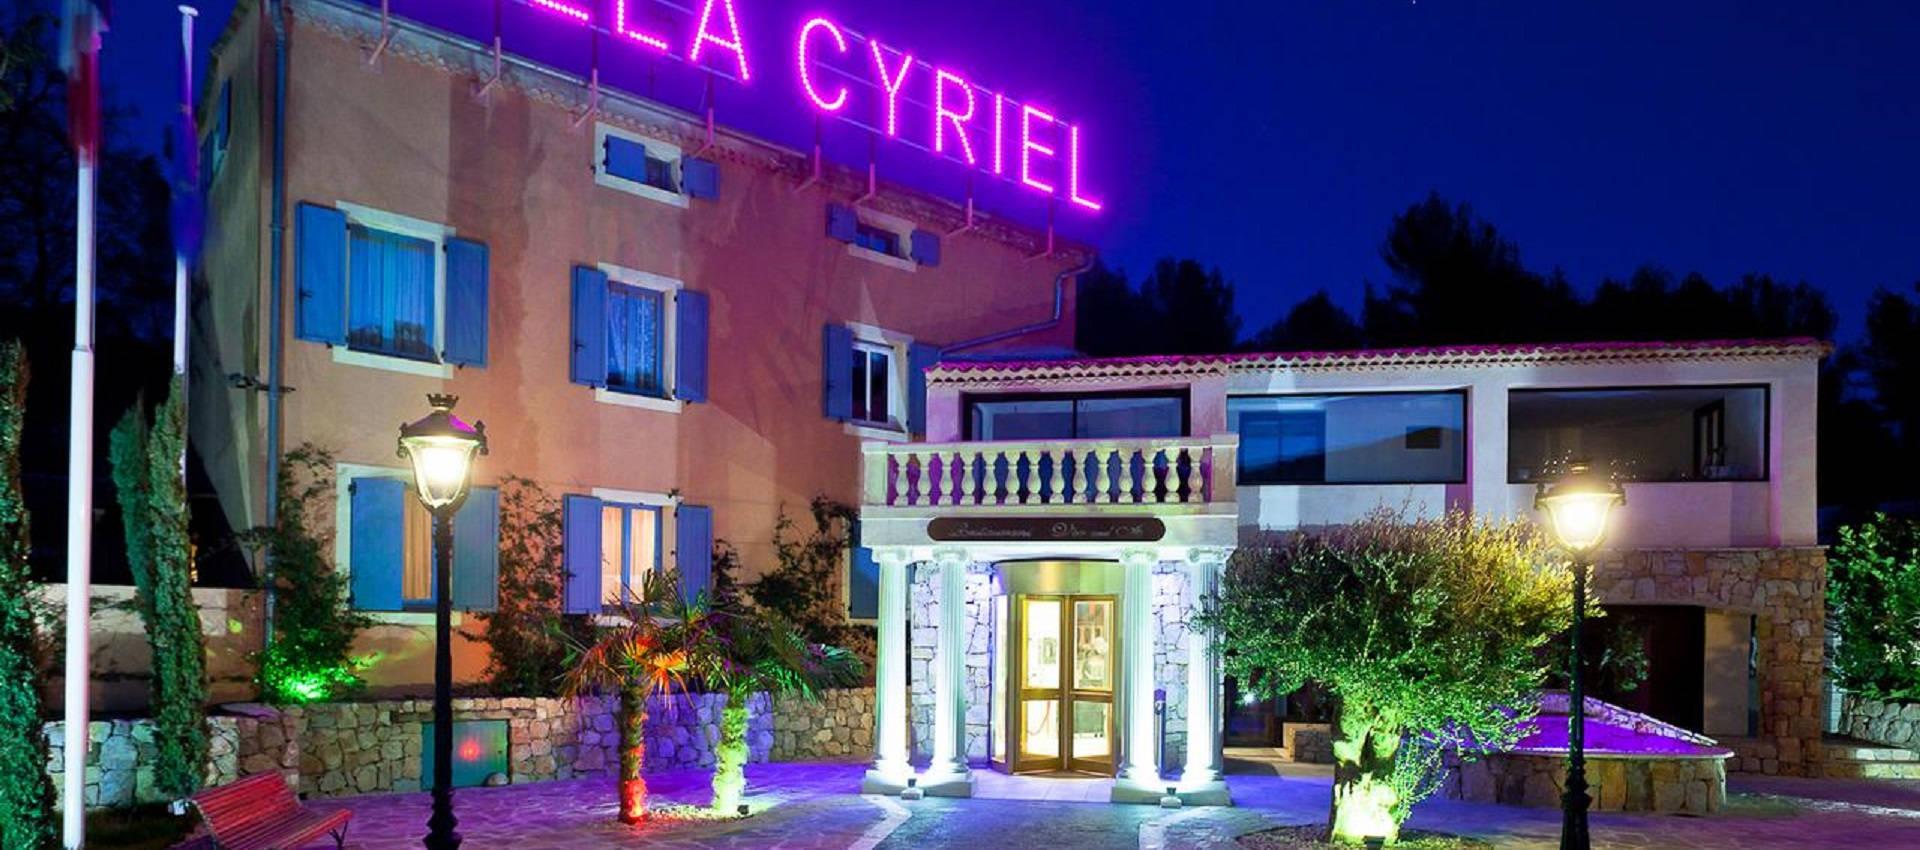 villa Cyriel - Contes